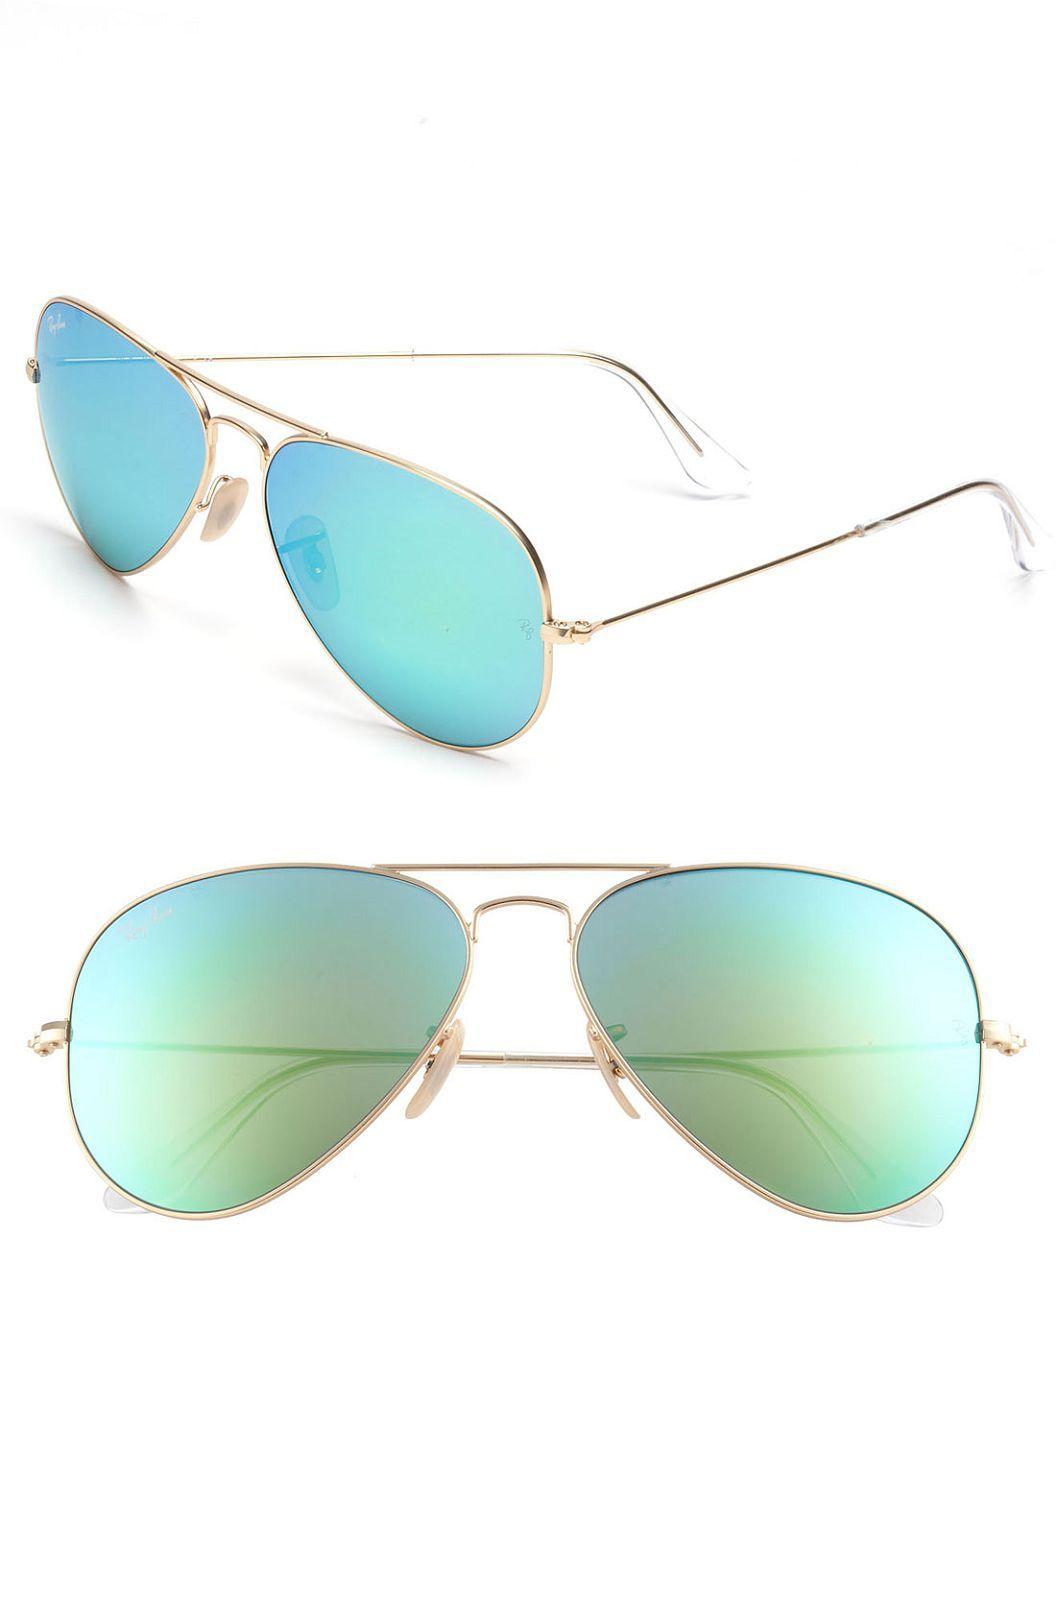 RB Sunglasses on   Ray Ban Wayfarer   Oculos de sol, Óculos, Óculos ... c86d8eefca